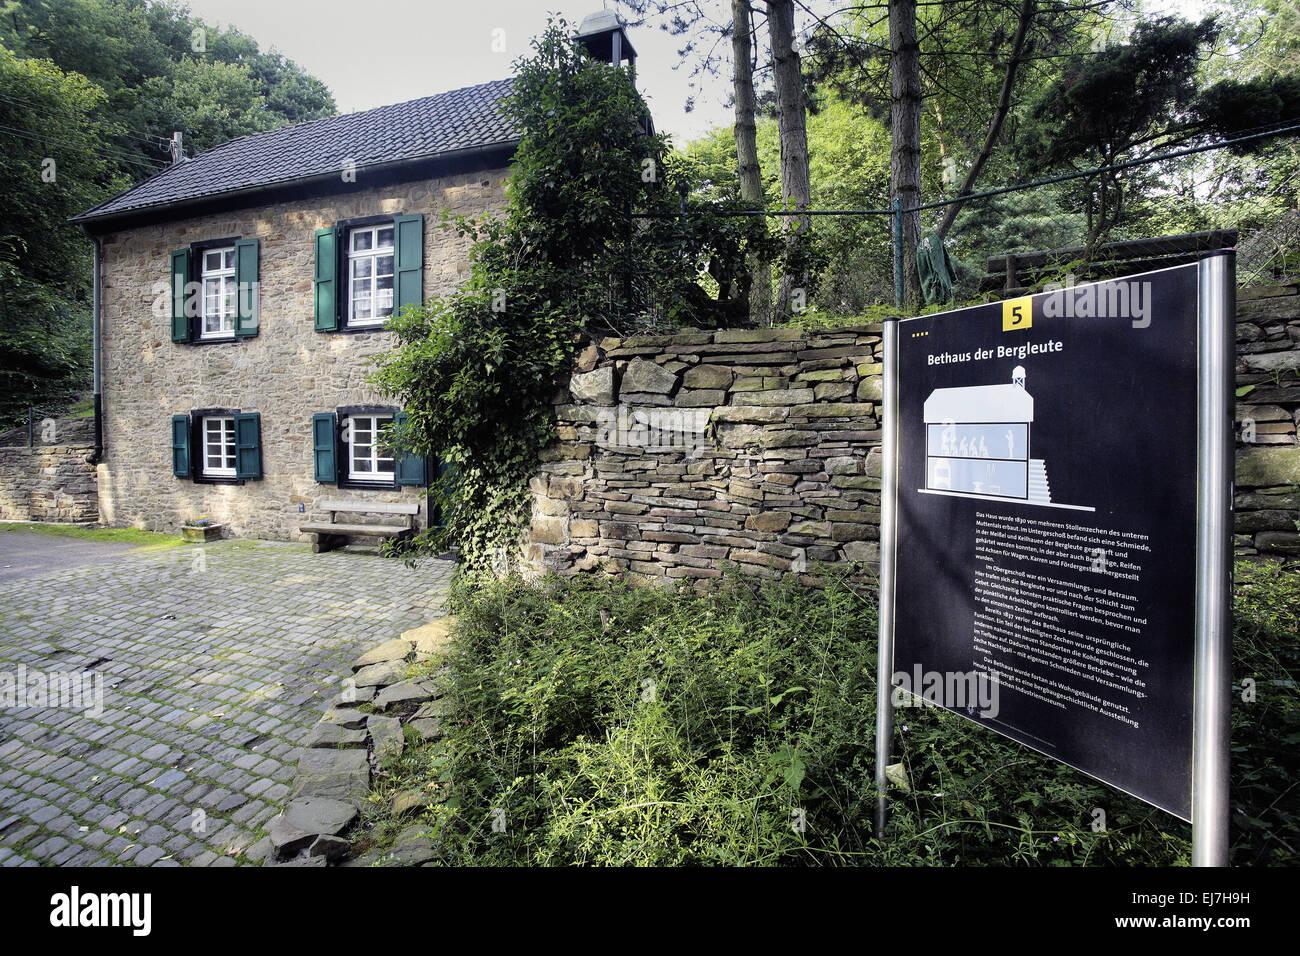 Gebet, Muttental, Witten, Deutschland Stockbild